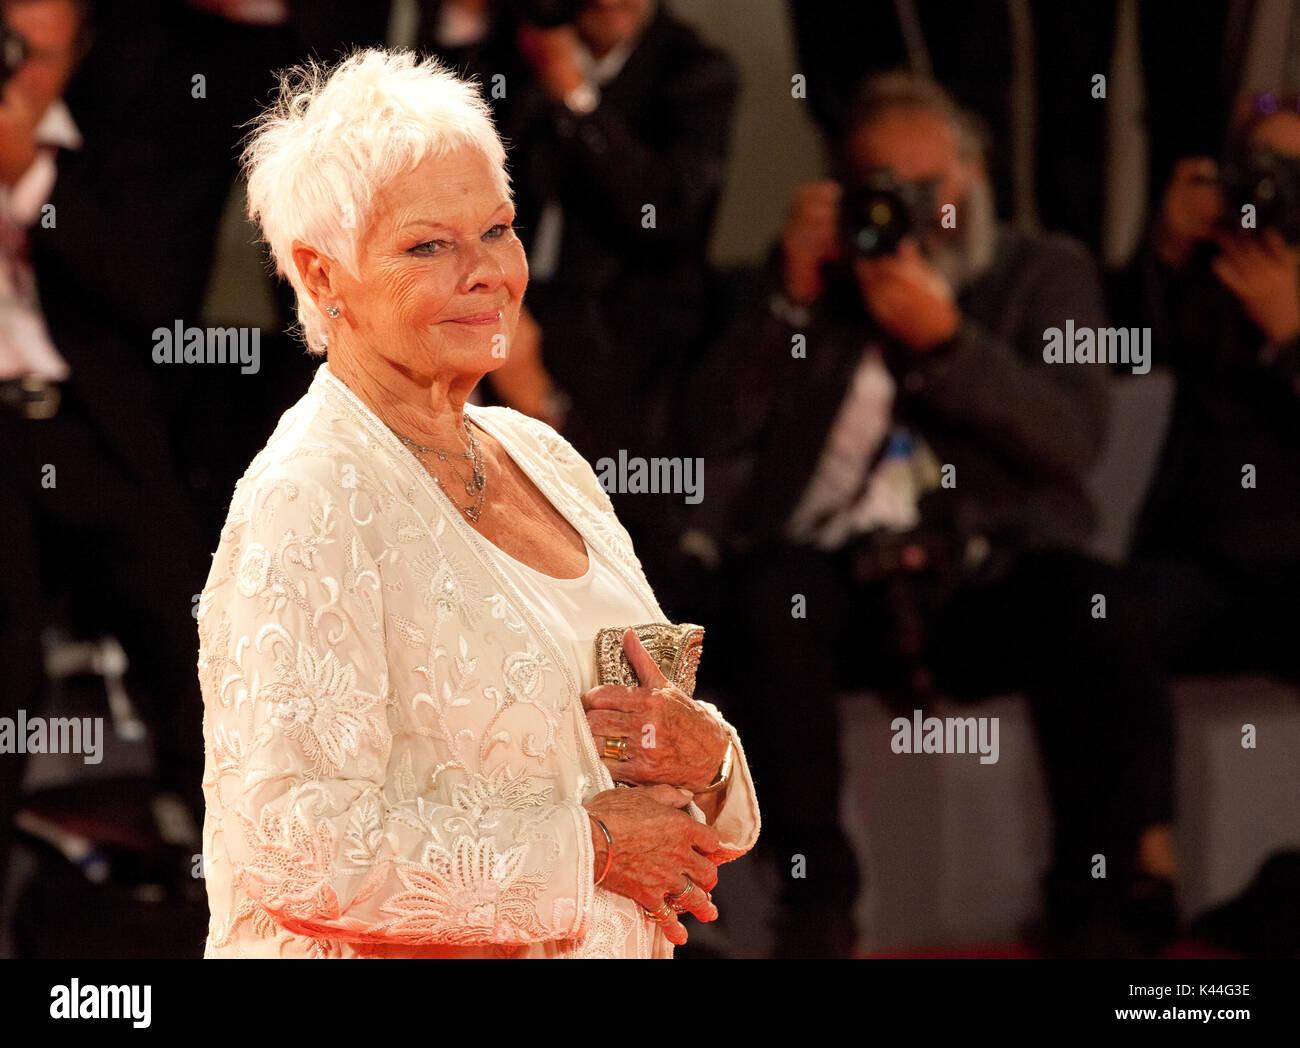 Judi Dench alla premiere del film Victoria & Abdul alla 74a Mostra del Cinema di Venezia, Sala Grande domenica Immagini Stock